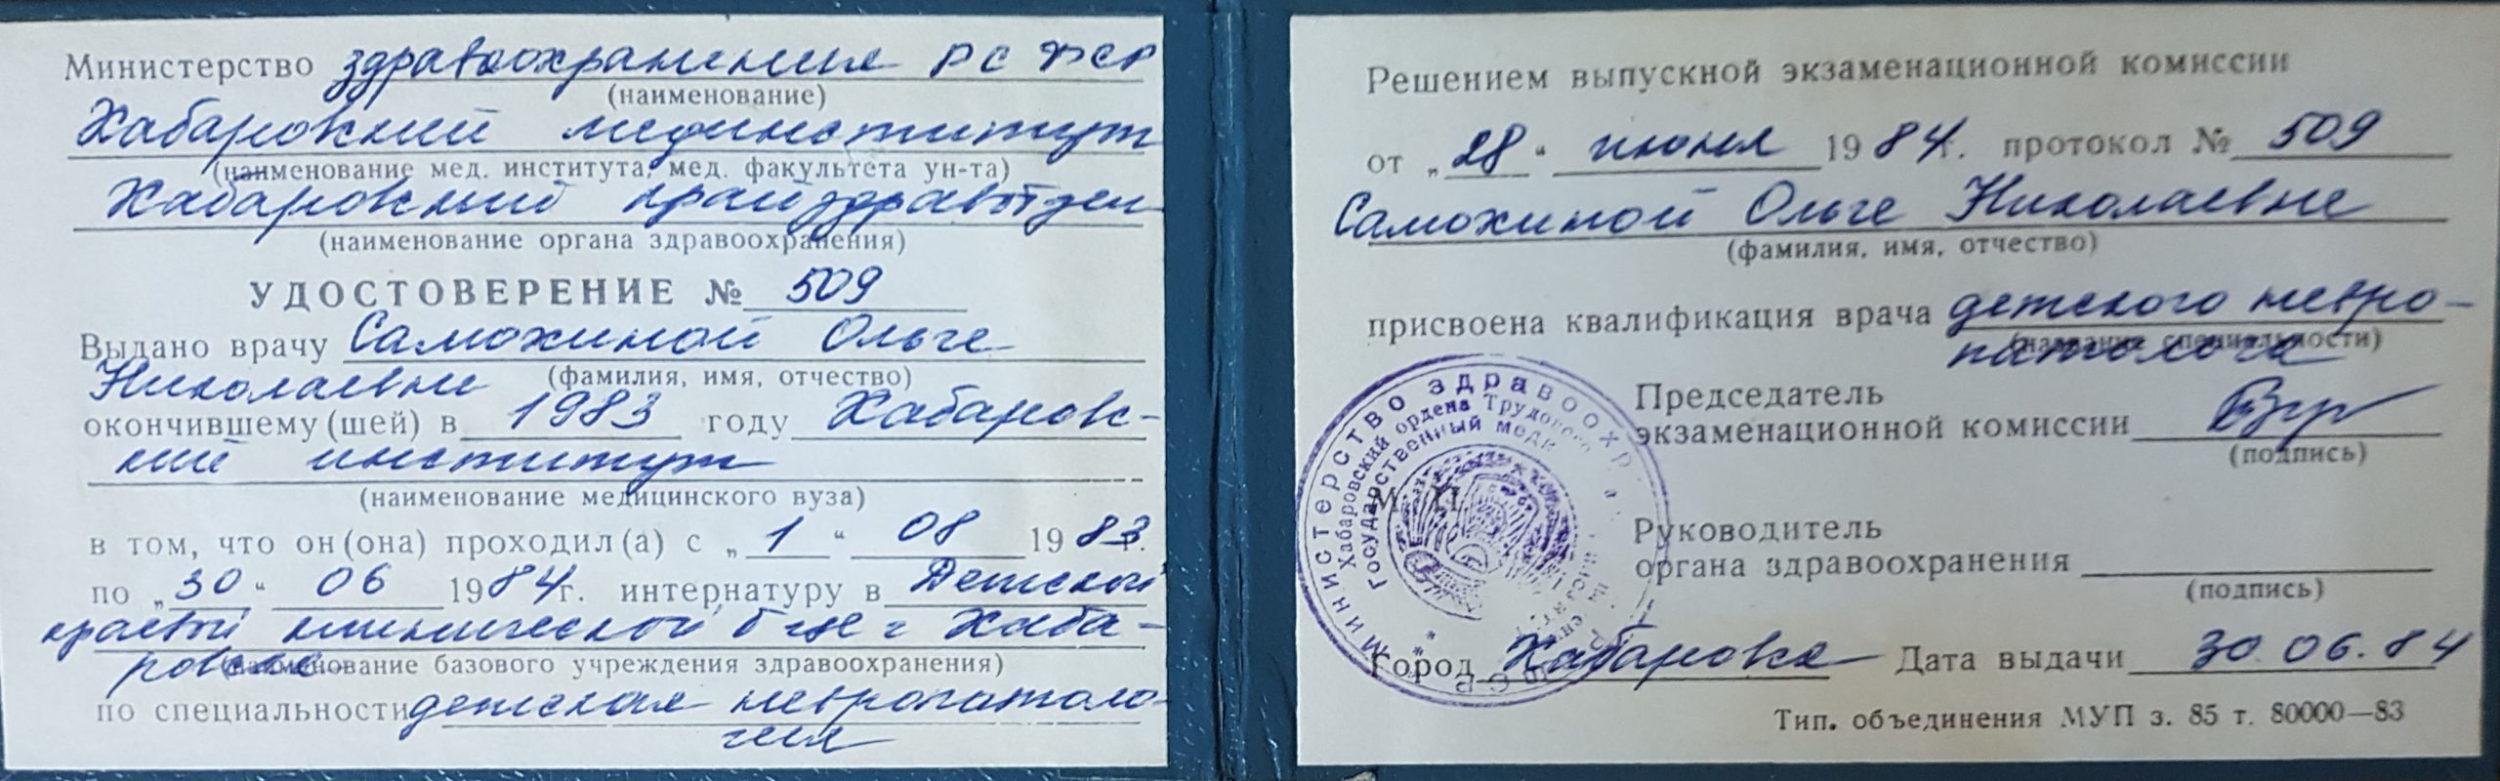 Александрова 4